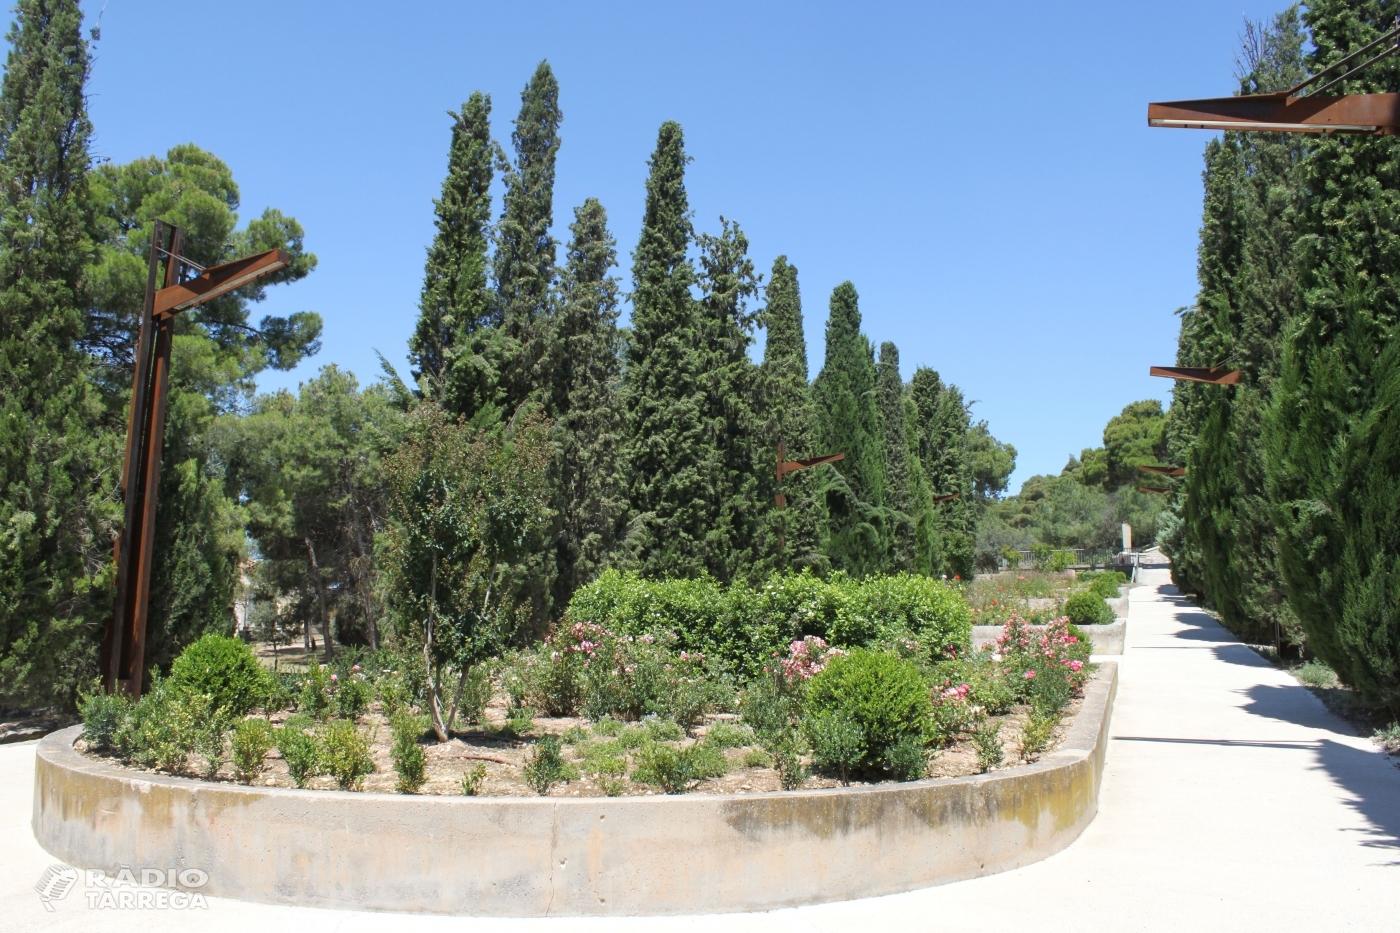 L'Ajuntament de Tàrrega adjudica els treballs de jardineria del Parc de Sant Eloi a l'Associació Alba, entitat que fomenta la inclusió social